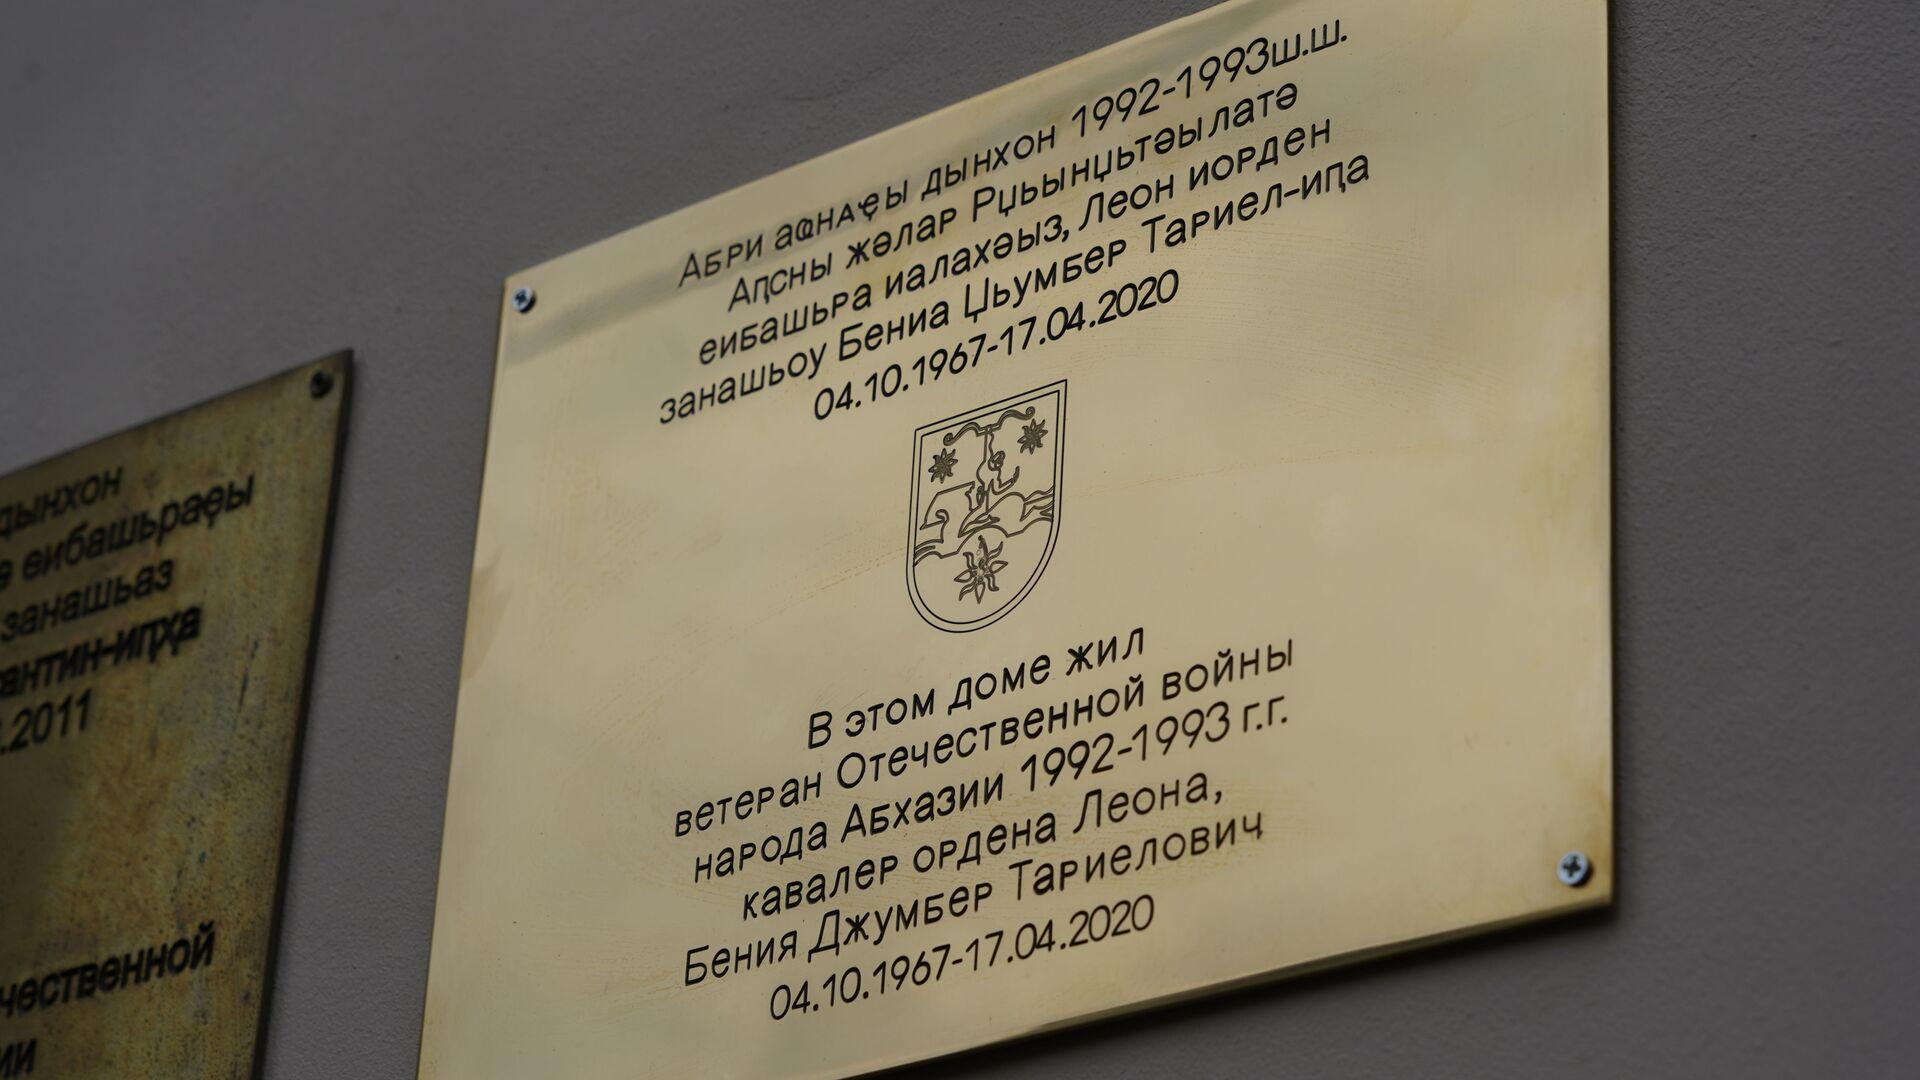 Џьумбер Бениа игәалашәаратә ӷәы анаадыртуаз  - Sputnik Аҧсны, 1920, 12.10.2021